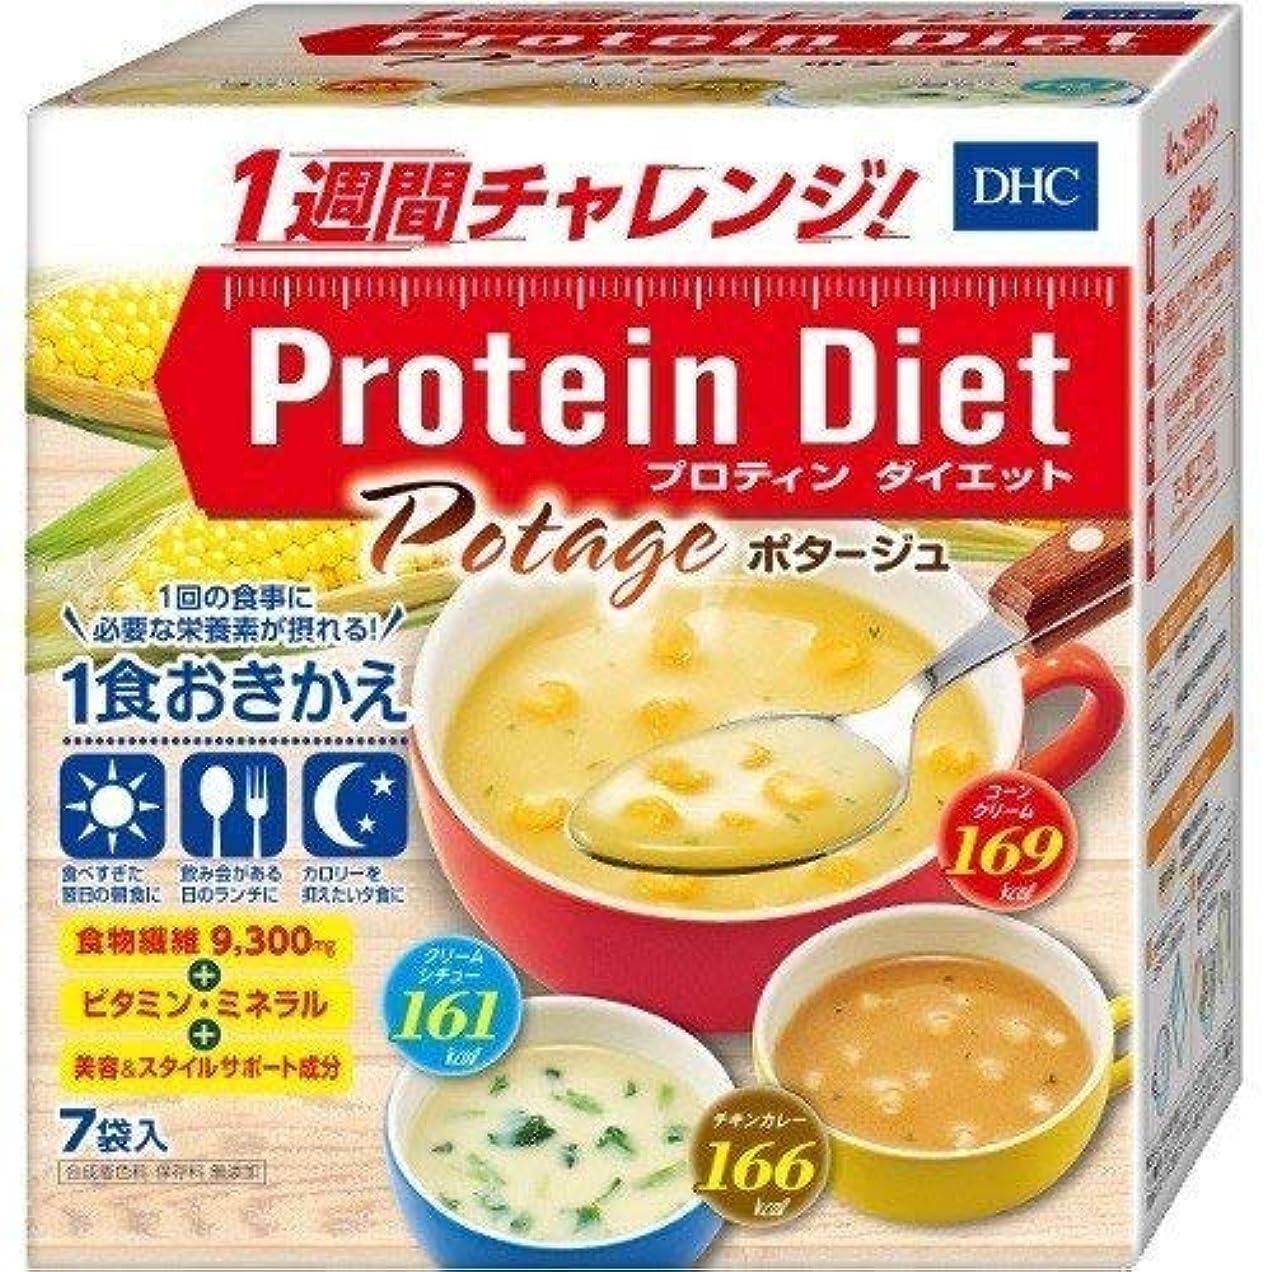 異なる信頼注目すべきDHC 健康食品相談室 DHC プロティンダイエット ポタージュ 7袋入 4511413406366